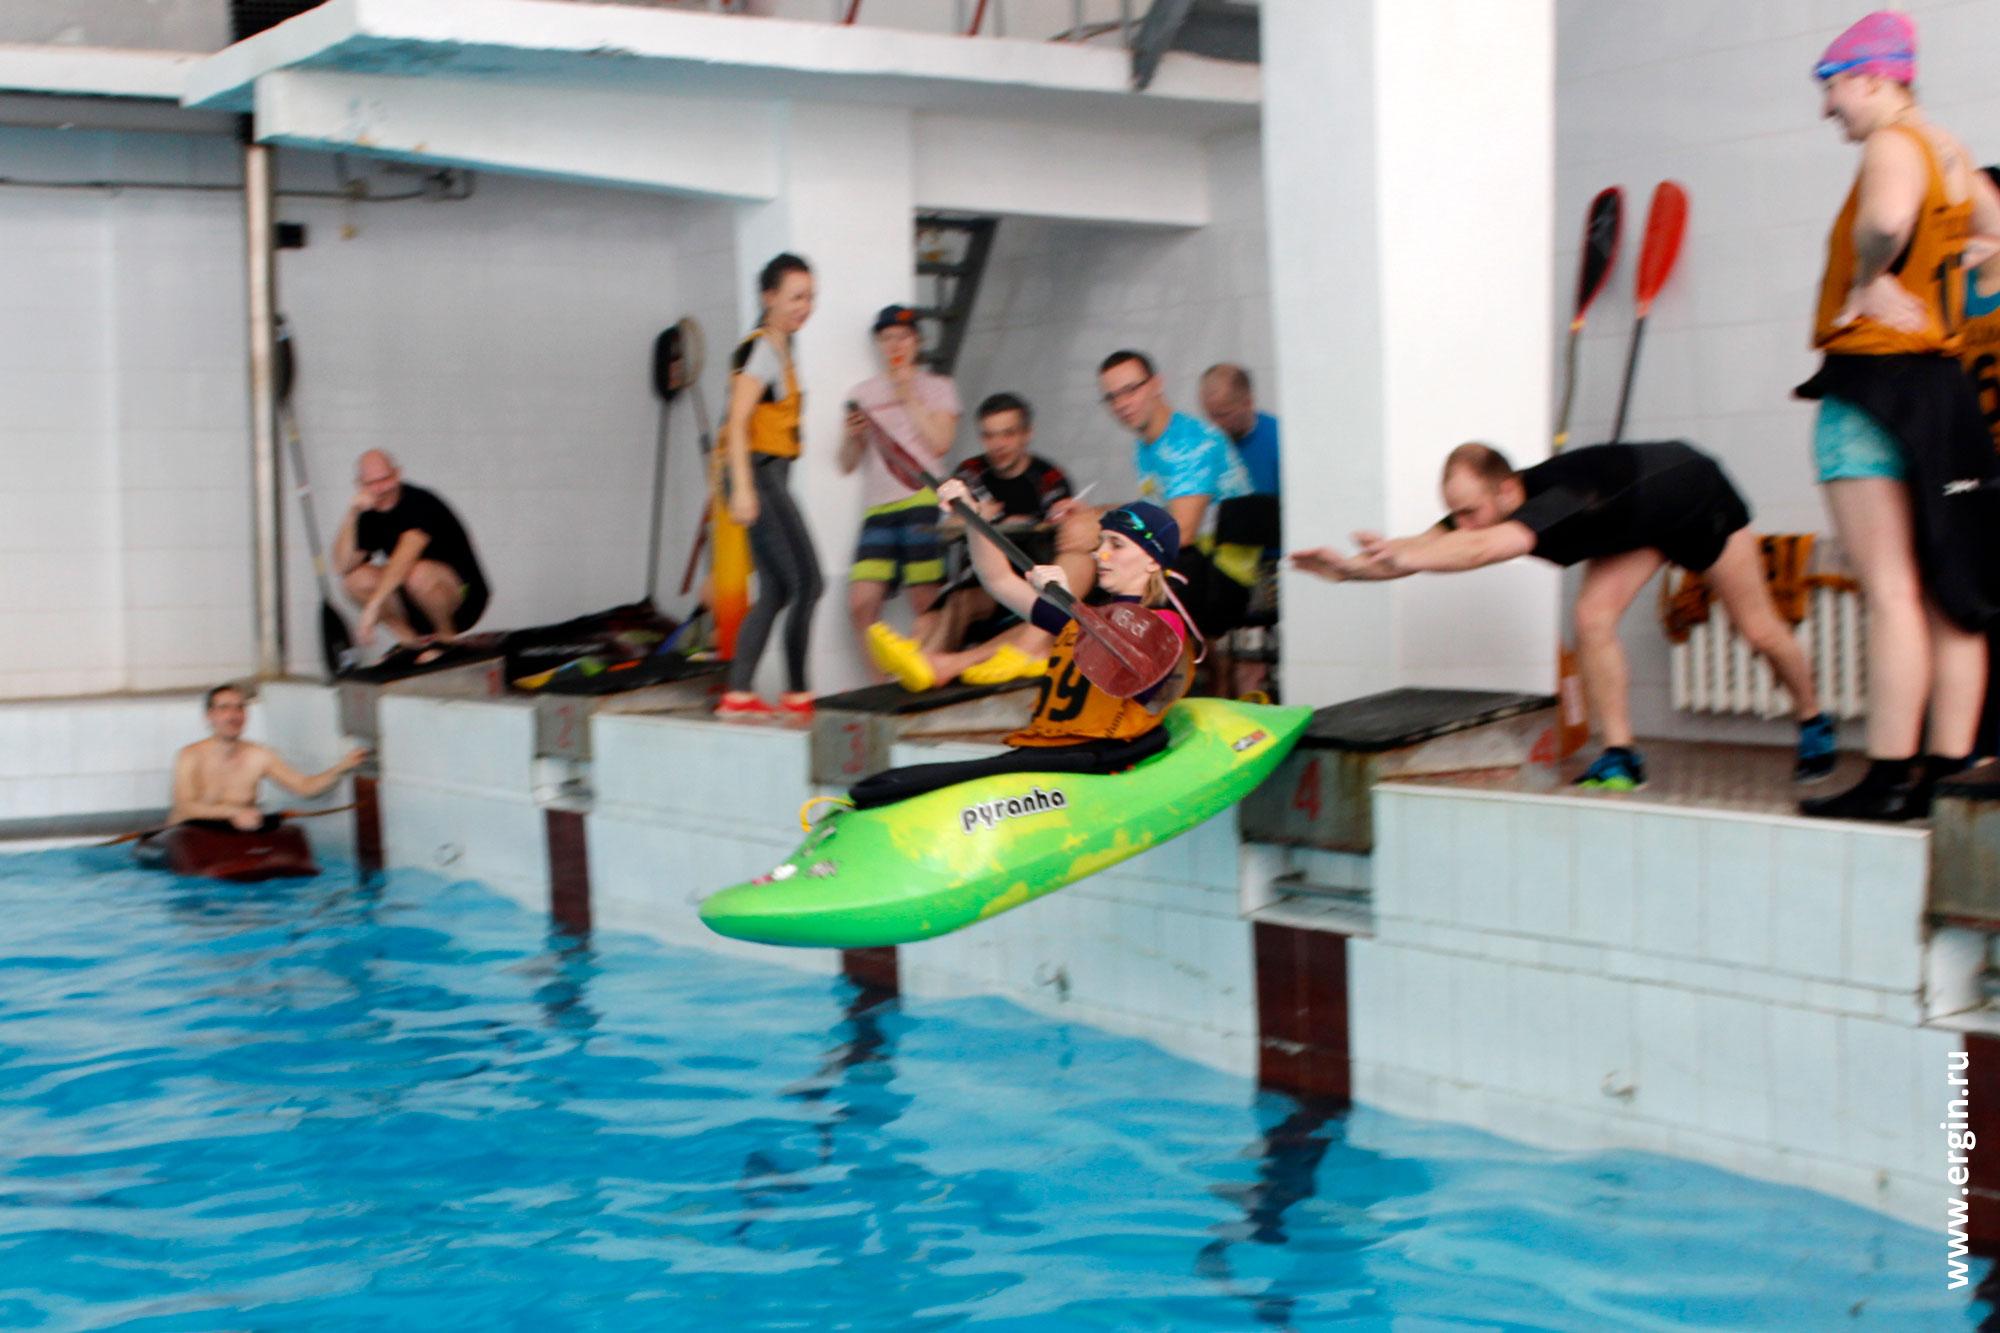 Старт заезда на соревнованиях по фристайл-каякингу в бассейне